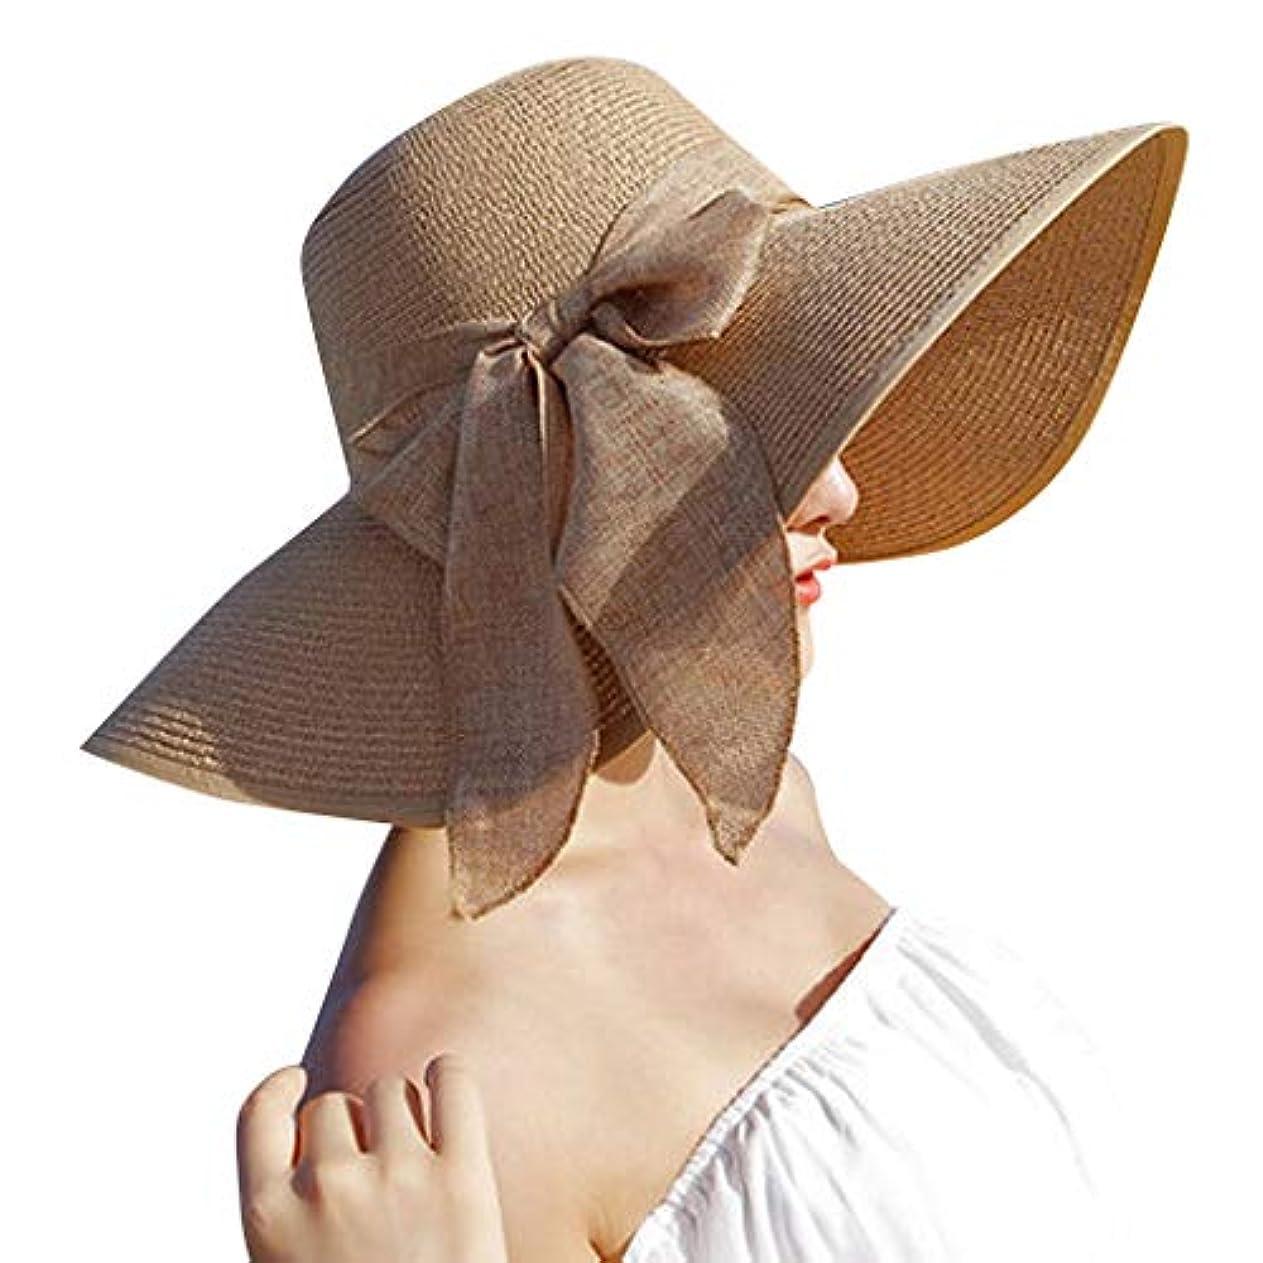 日除け帽子 ハット レディース ビッグバイザー 日よけ 夏季 日焼け 折りたたみ つば広 紫外線100%カット UV ハット 可愛い 顔効果抜群 サンバイザー 小顔効果 春夏 お出かけ用 ビーチハット 海辺 ROSE ROMAN